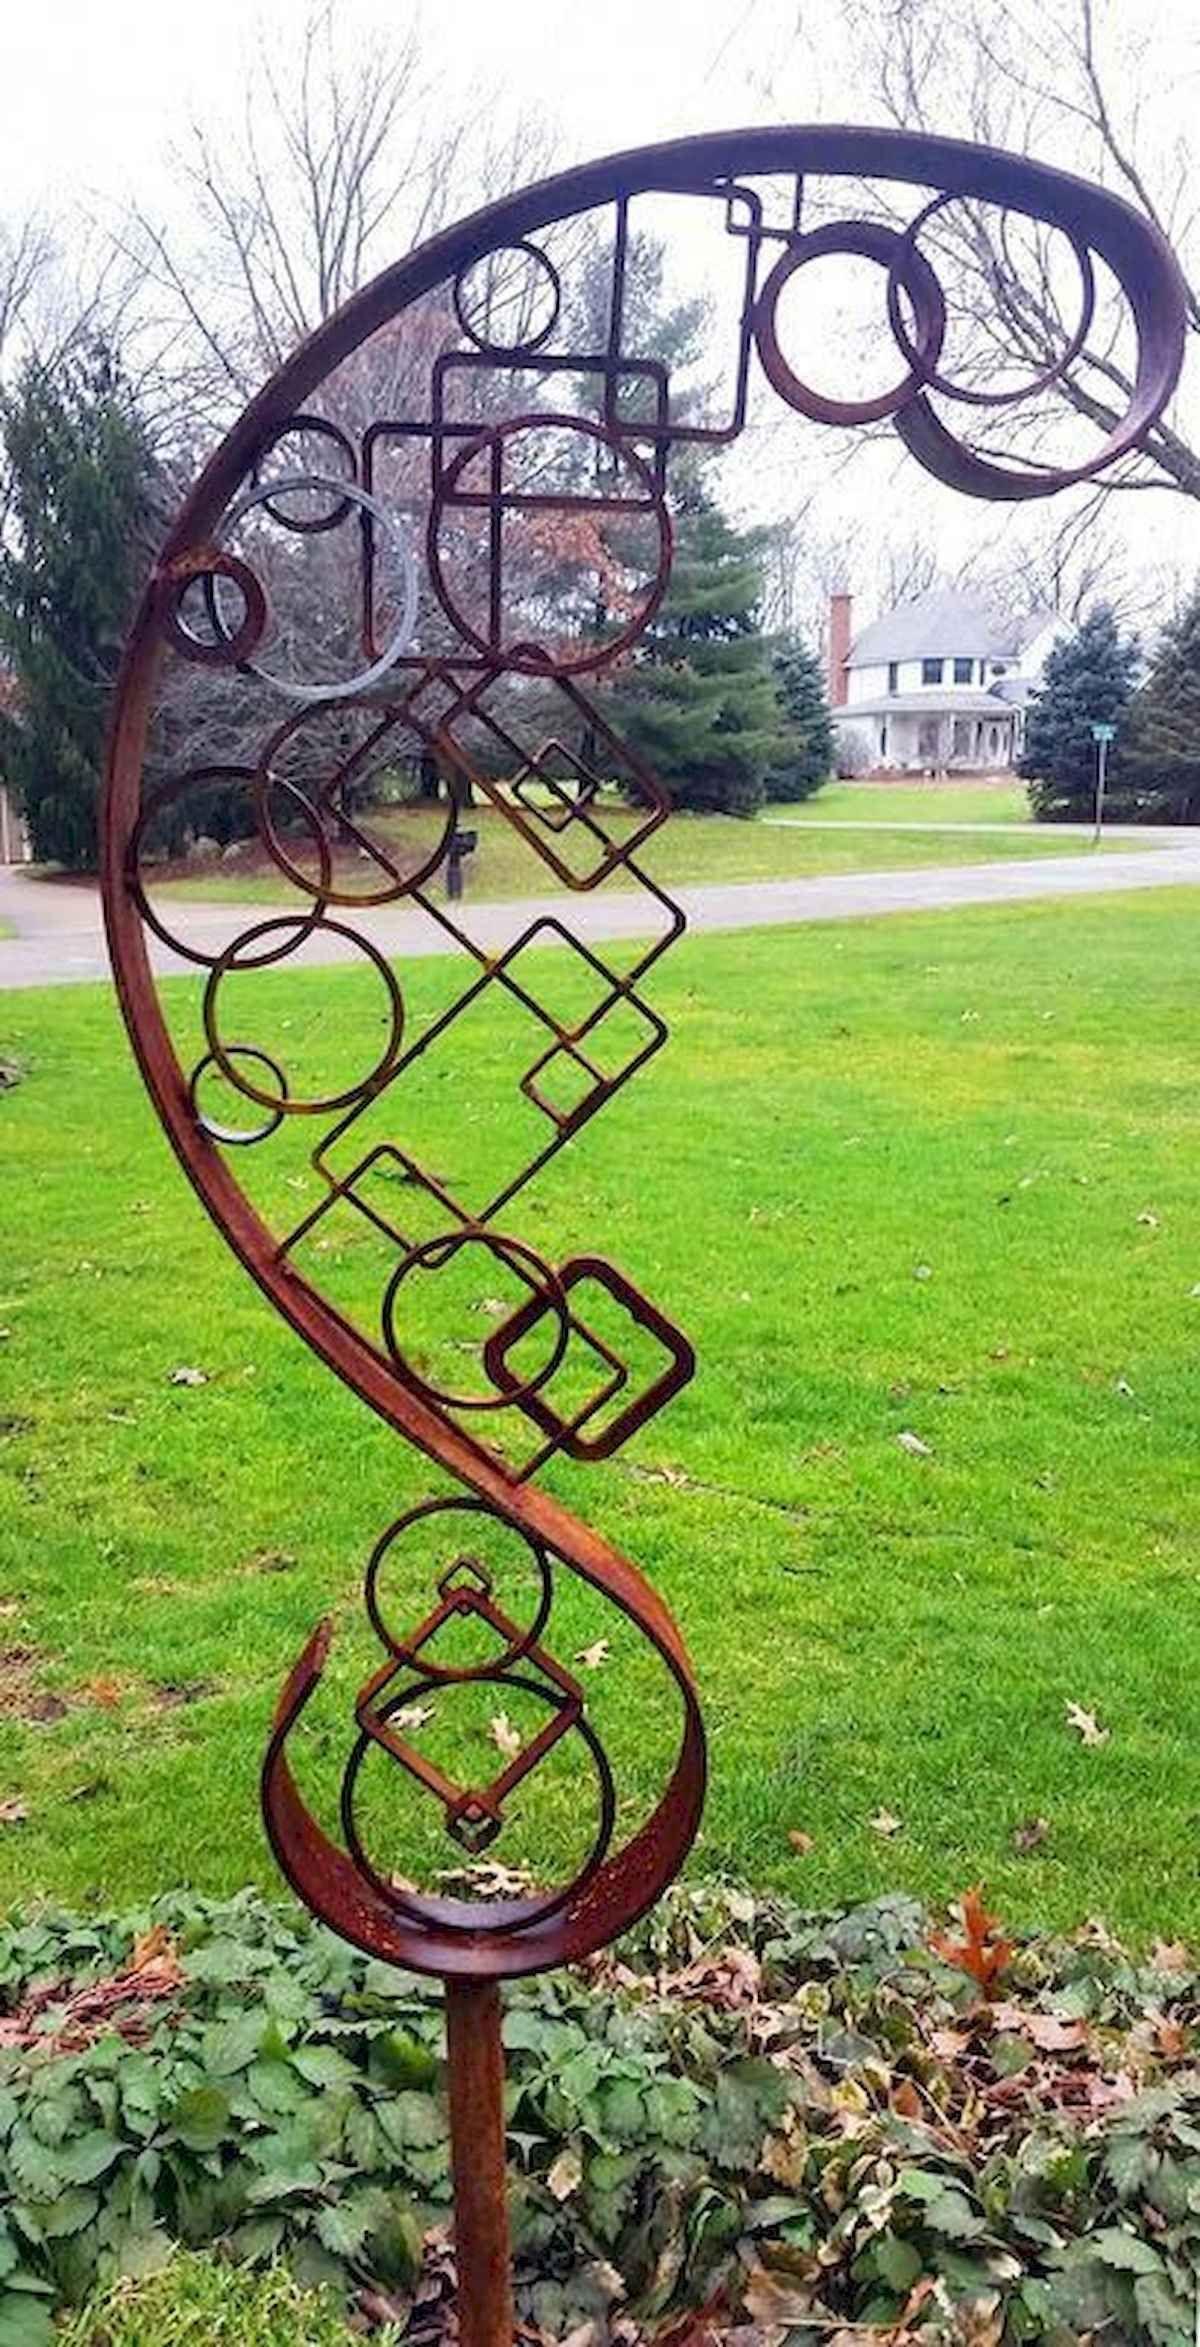 Awesome 70 Best Metal Garden Art Design Ideas For Summer Https Livingmarch Com 70 Best Metal Garden A Metal Garden Art Metal Art Projects Metal Tree Wall Art